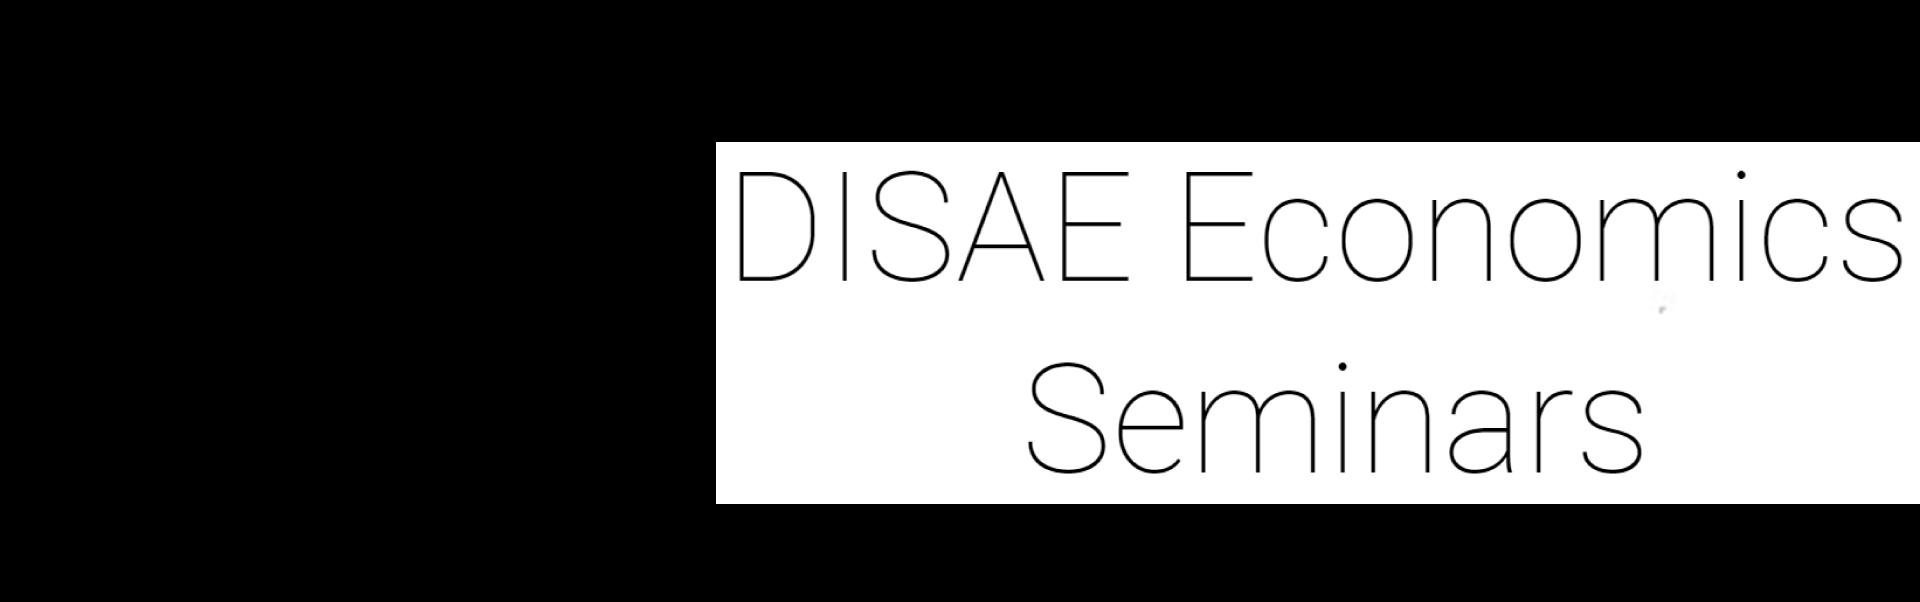 DISAE-Economics-Seminar